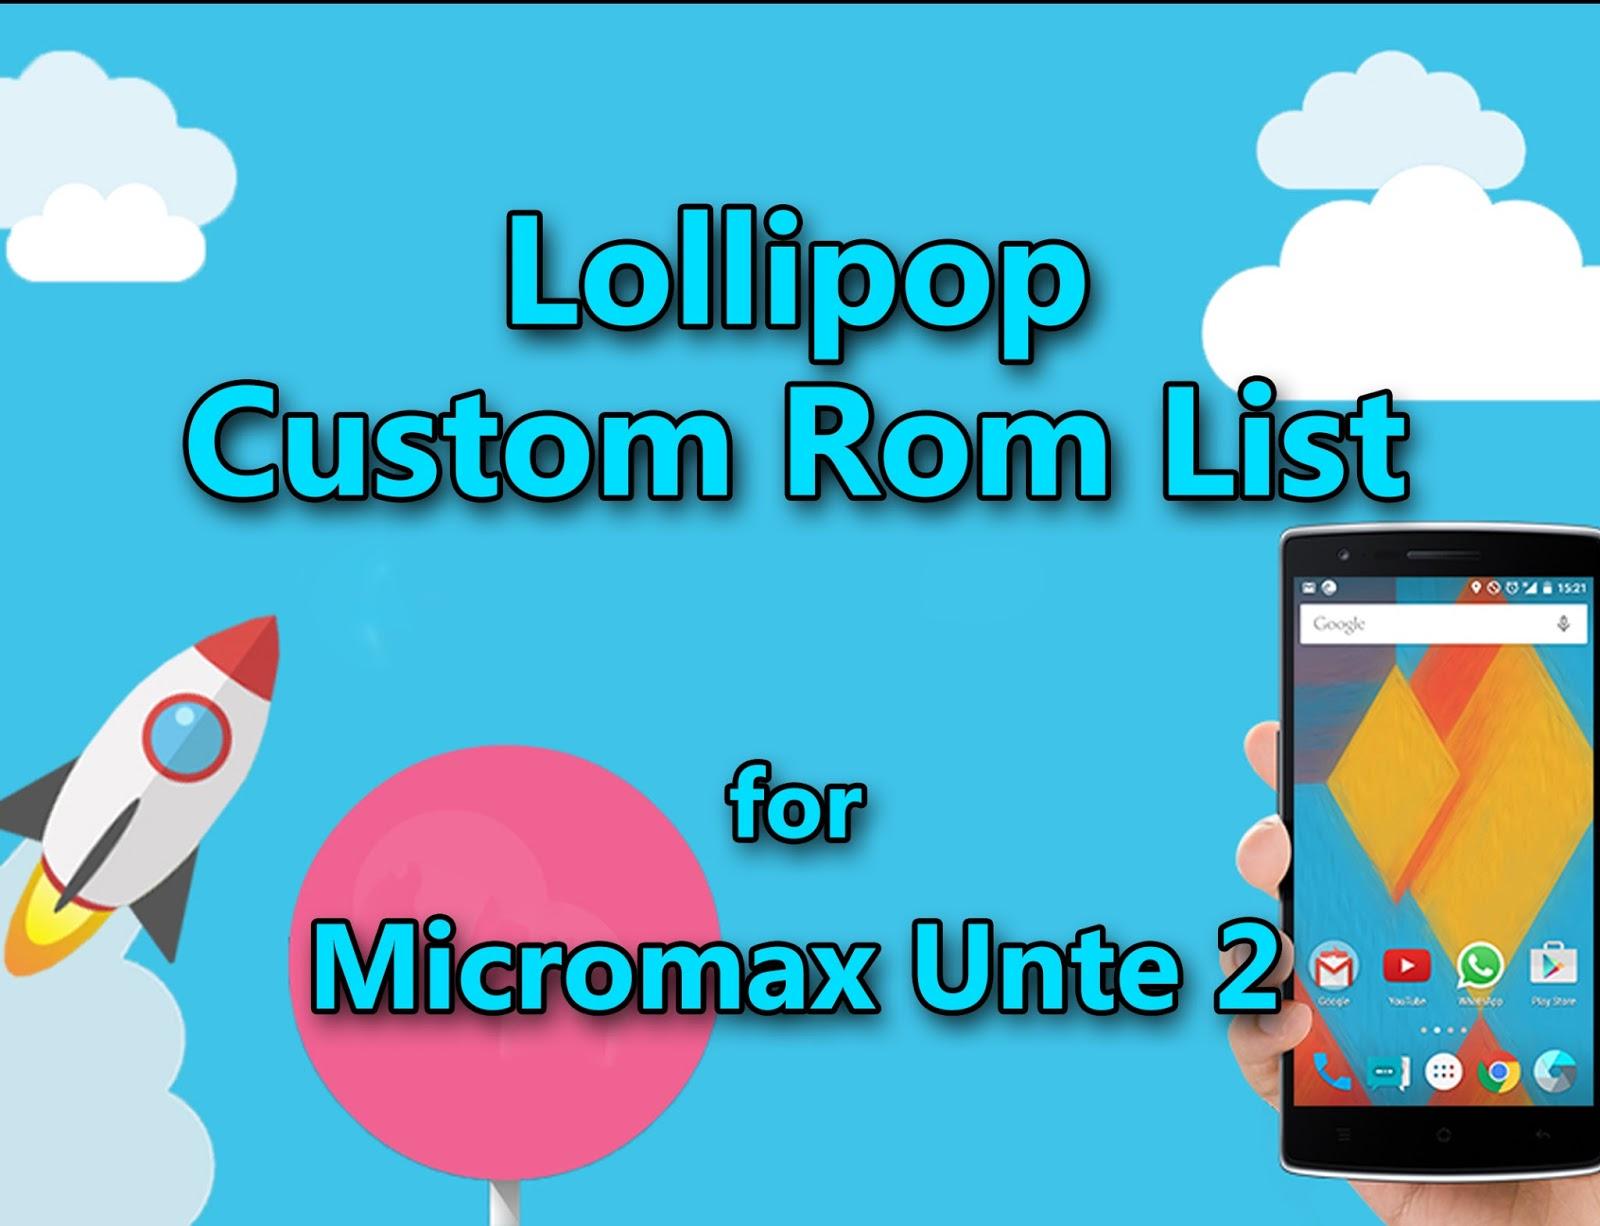 Lollipop Rom List - Micromax Unite 2 - Geek Street